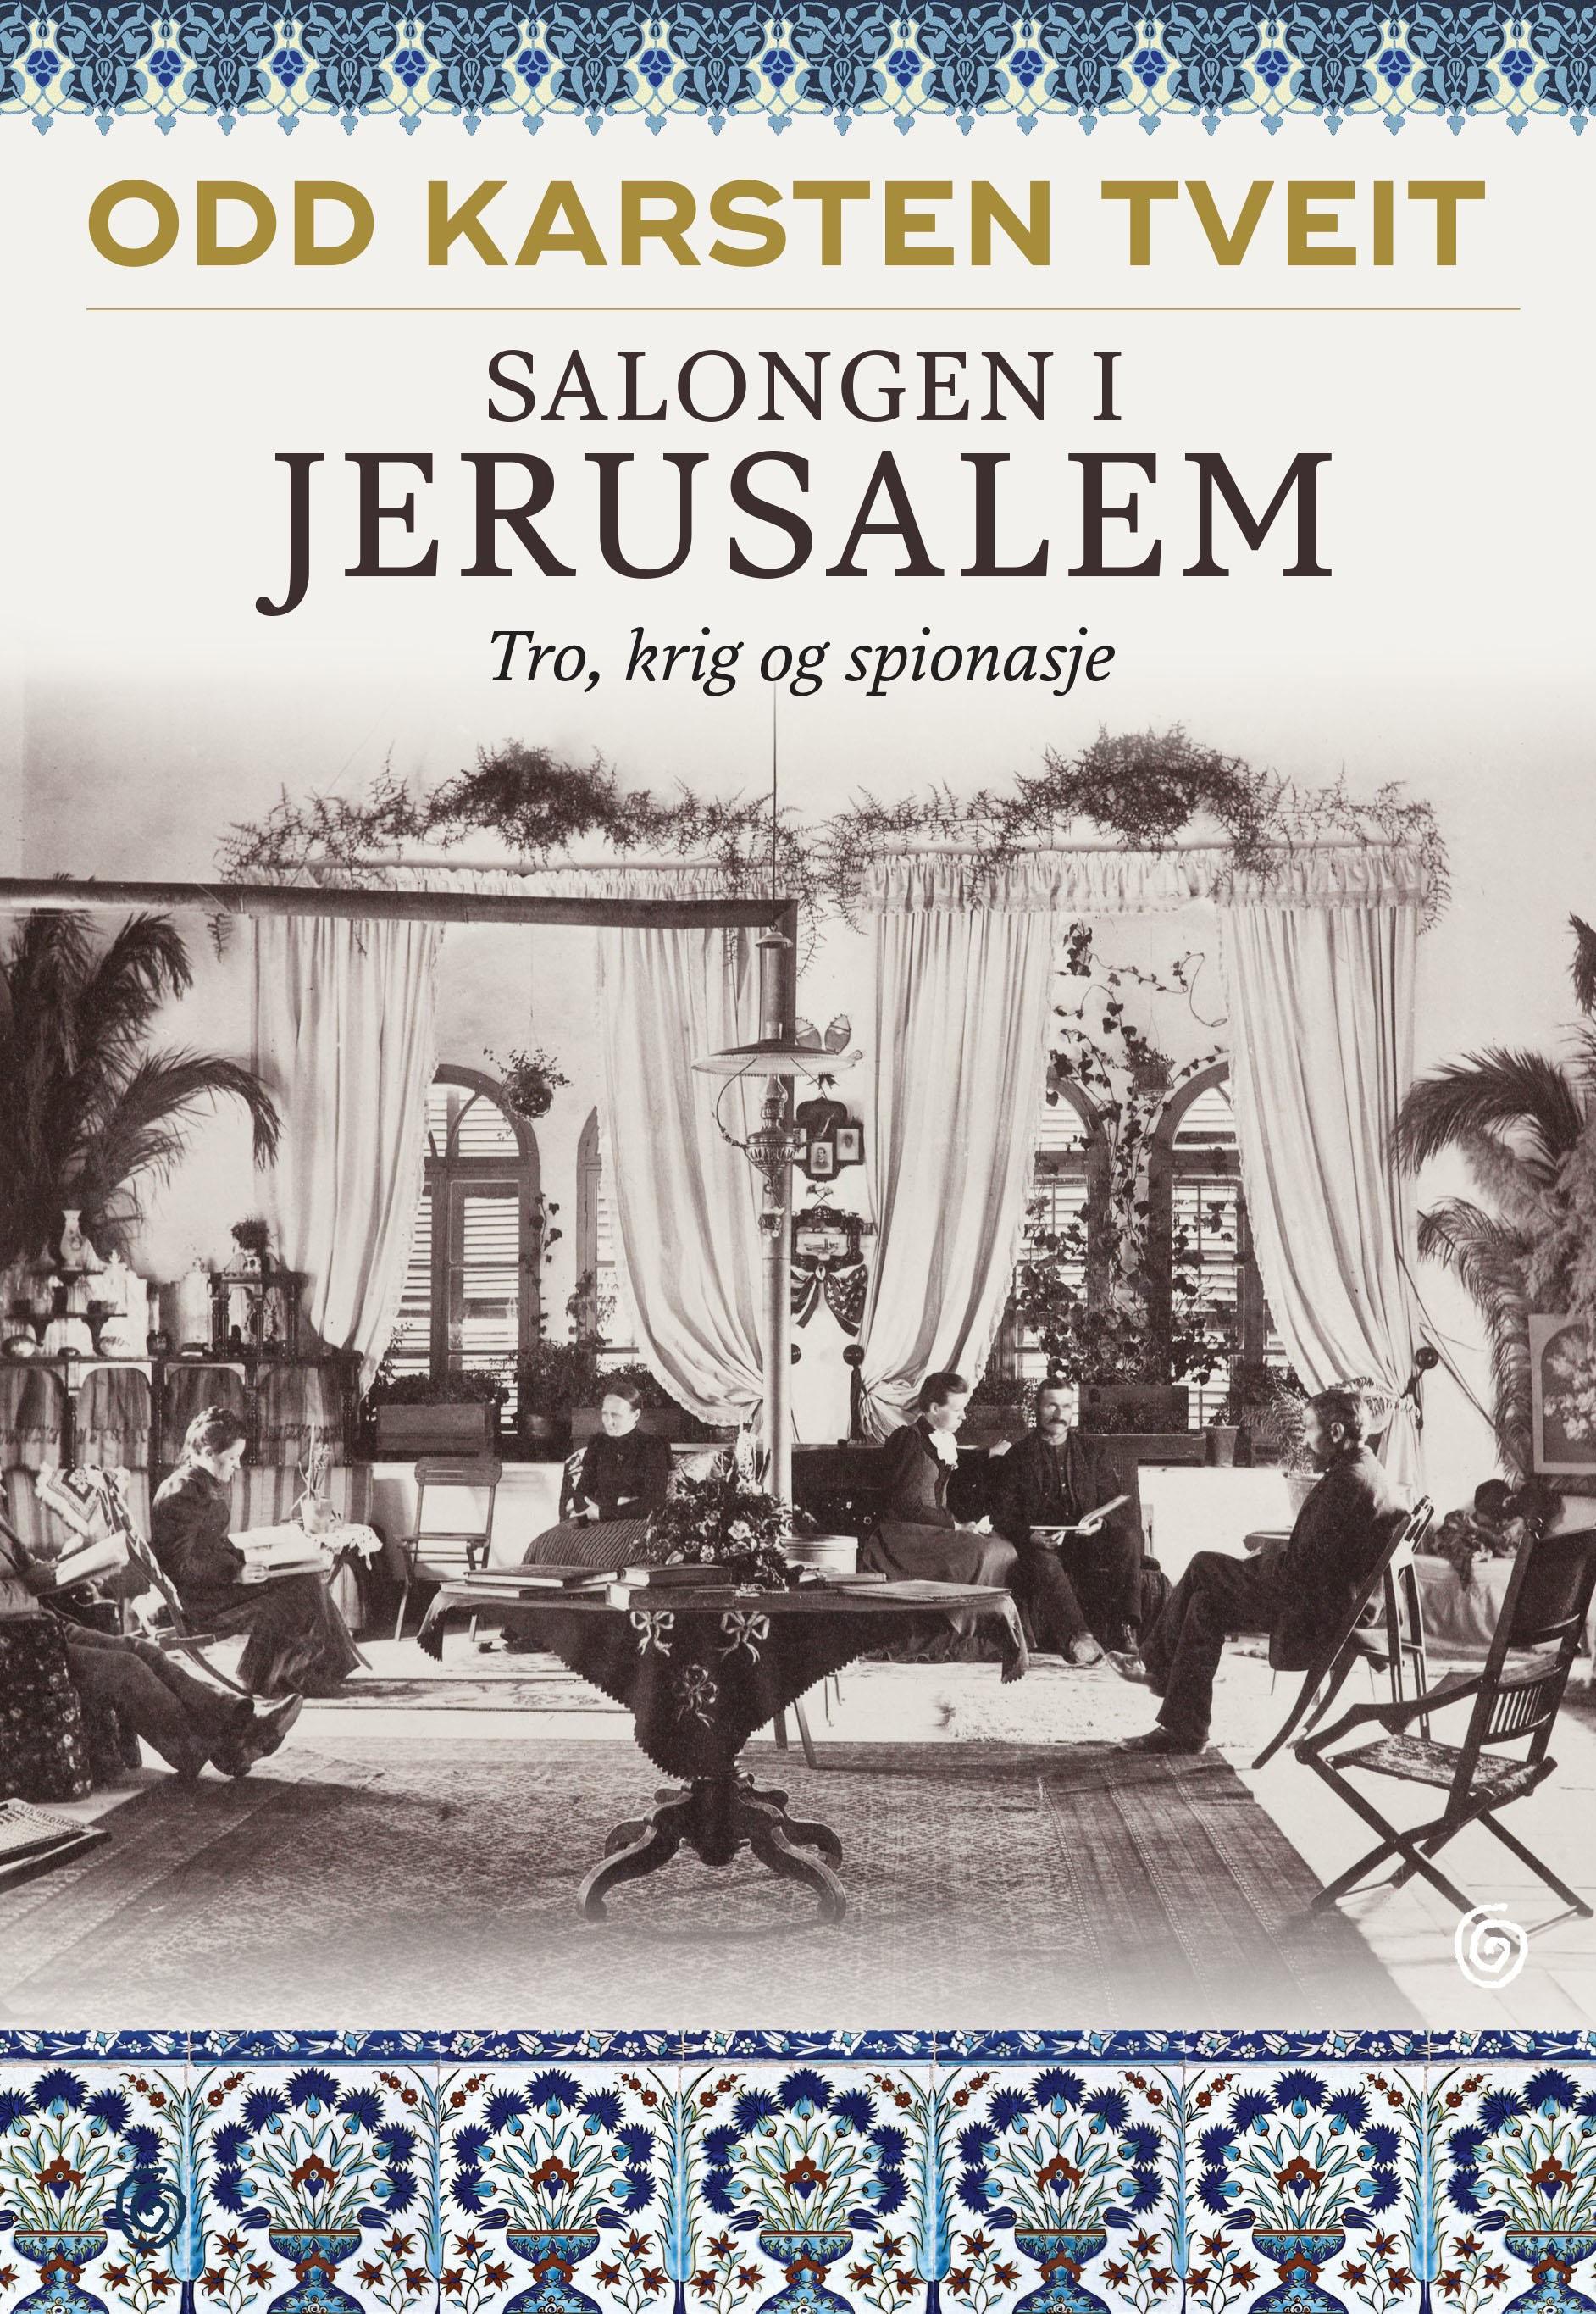 Salongen i Jerusalem. Tro, krig og spionasje - Odd Karsten Tveit